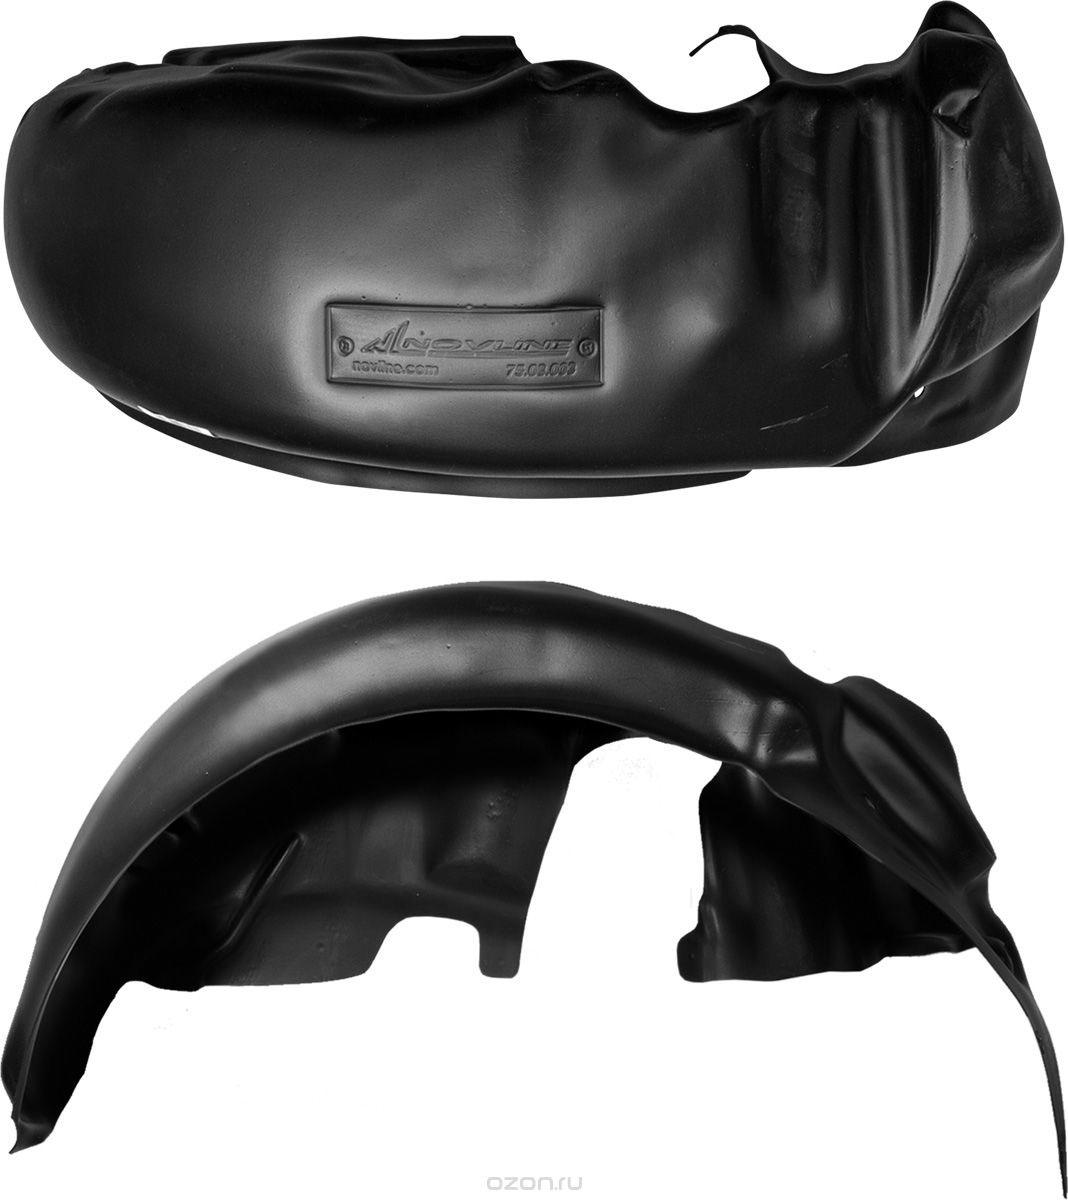 Подкрылок Novline-Autofamily, для Toyota Corolla, 2014->, задний правыйNLL.48.59.004Идеальная защита колесной ниши. Локеры разработаны с применением цифровых технологий, гарантируют максимальную повторяемость поверхности арки. Изделия устанавливаются без нарушения лакокрасочного покрытия автомобиля, каждый подкрылок комплектуется крепежом. Уважаемые клиенты, обращаем ваше внимание, что фотографии на подкрылки универсальные и не отражают реальную форму изделия. При этом само изделие идет точно под размер указанного автомобиля.